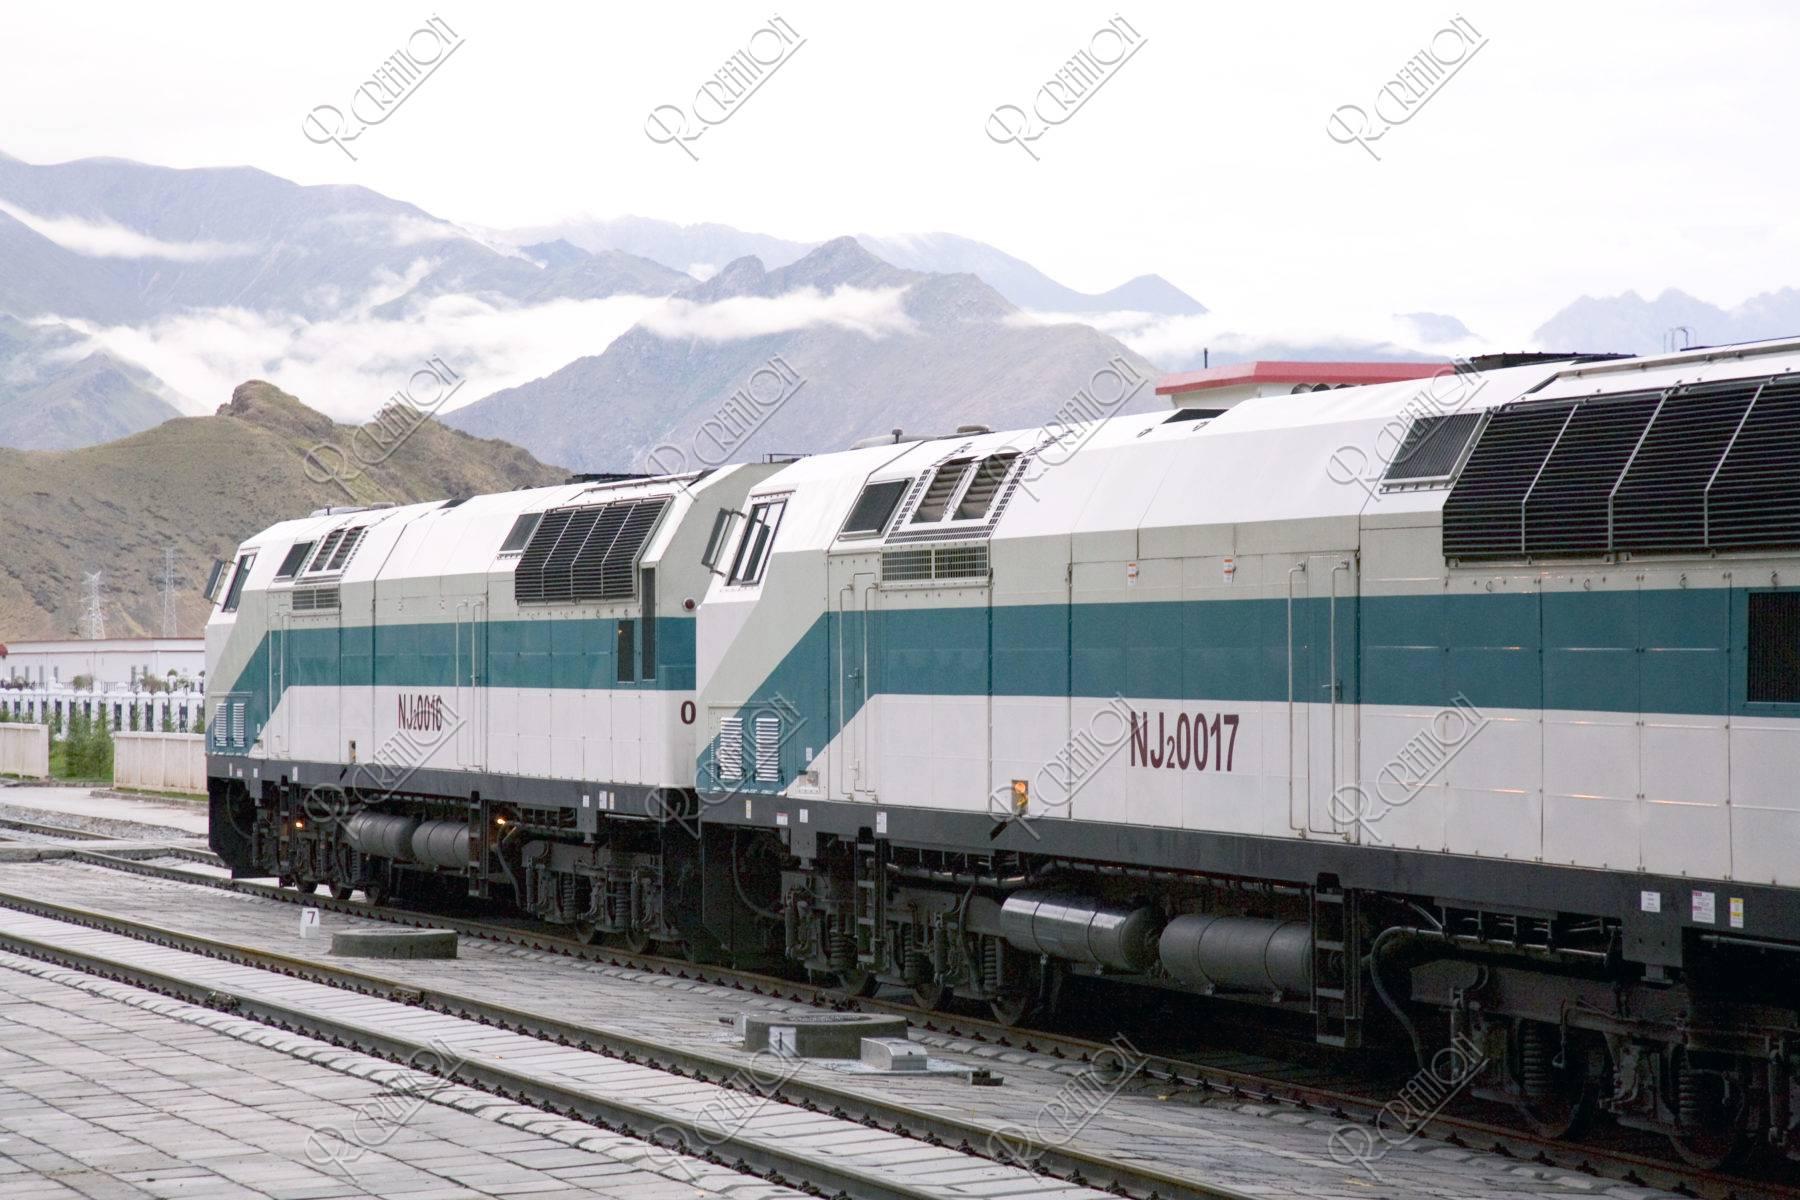 青蔵鉄道列車とラサの山並み ラサ市   ストックフ